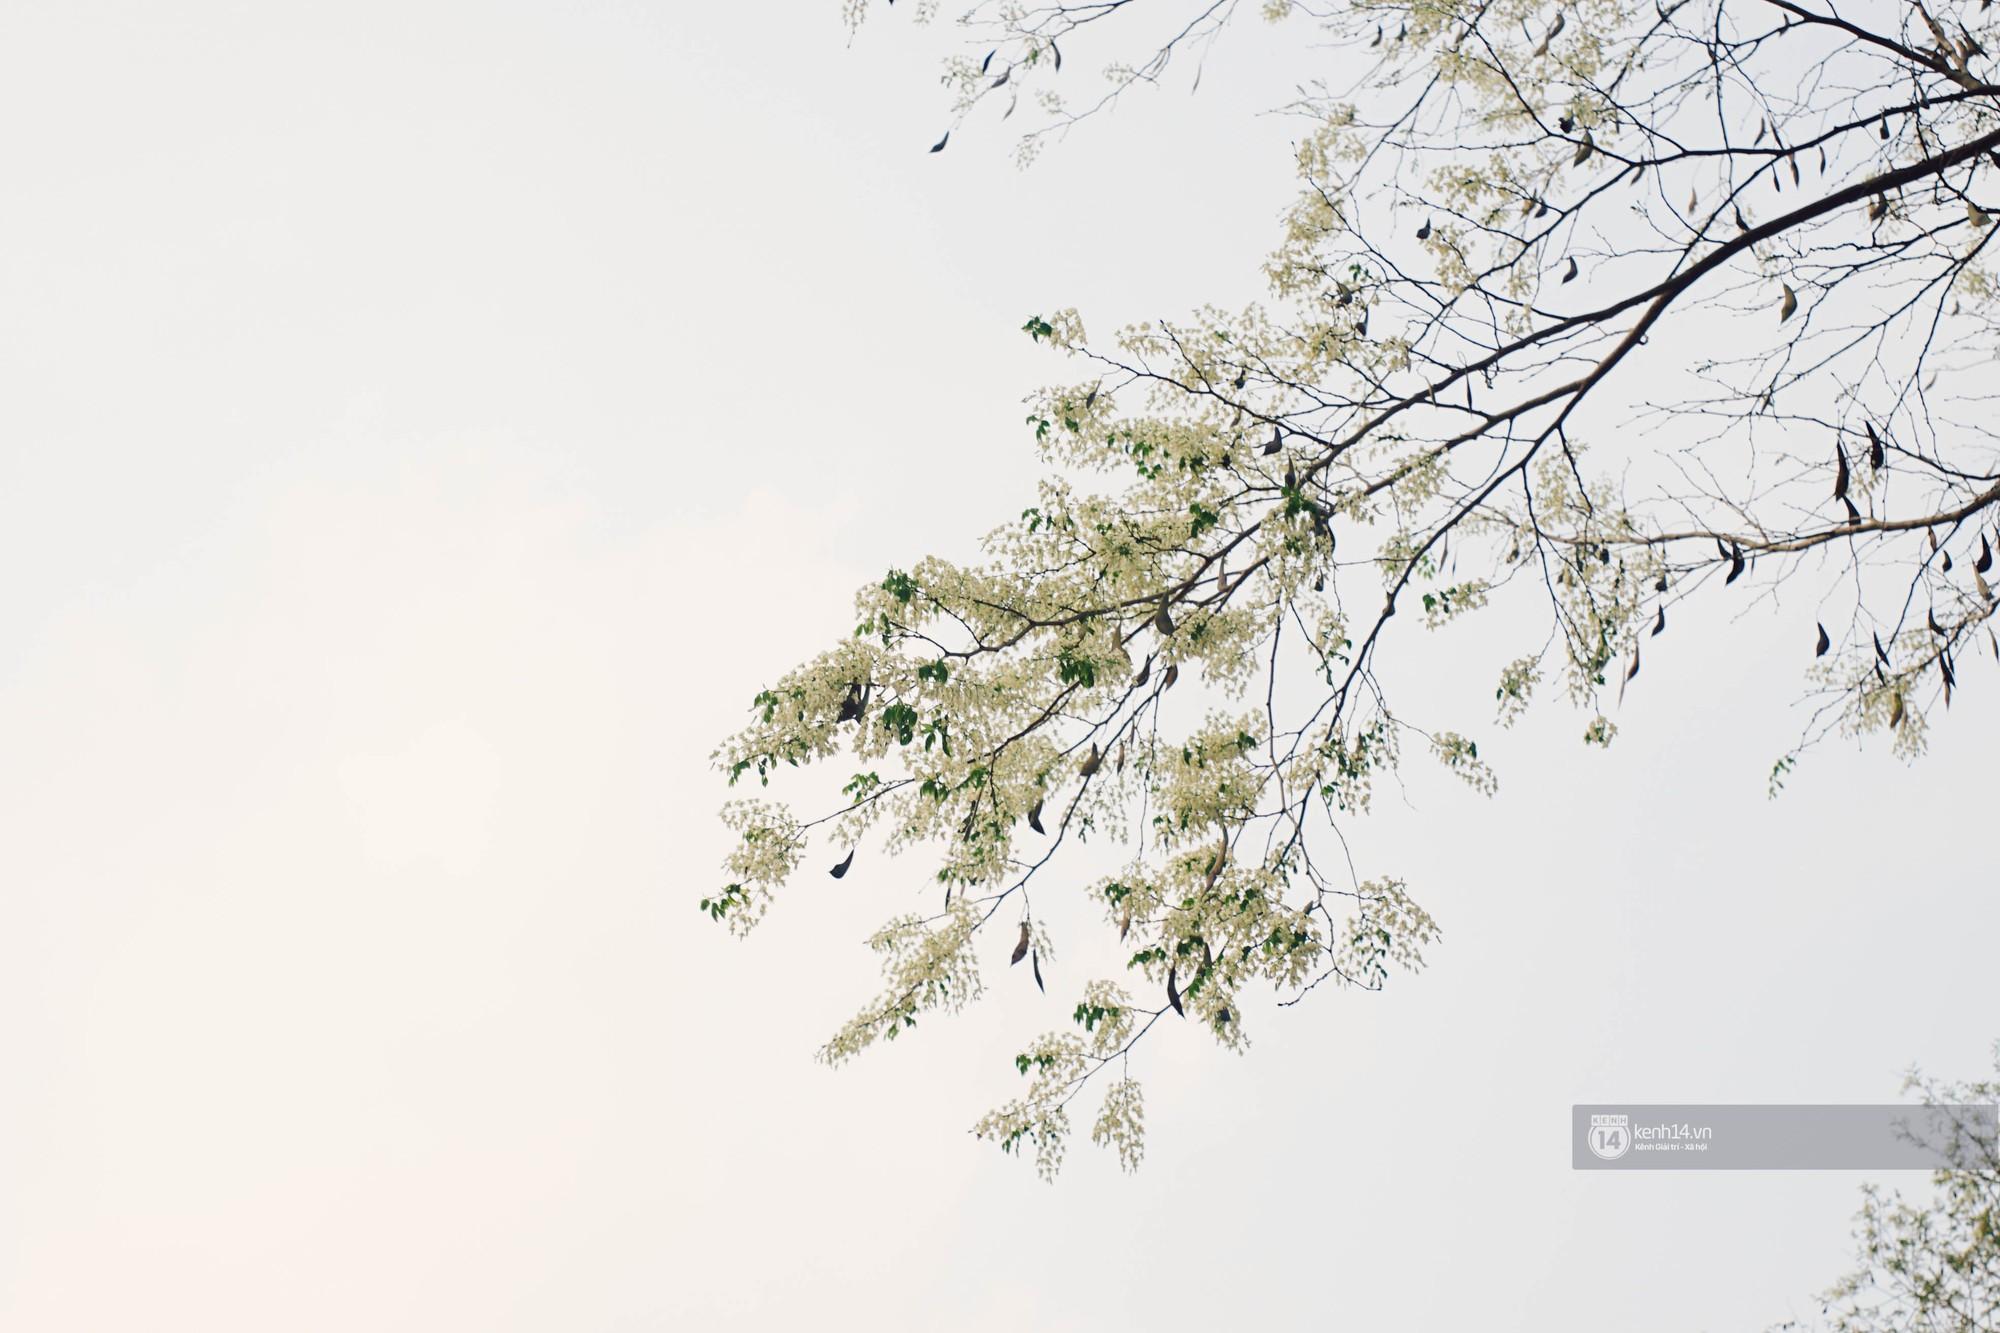 Đây là Hà Nội, của những ngày hoa sưa tinh khôi phủ trắng trời như tuyết - Ảnh 1.